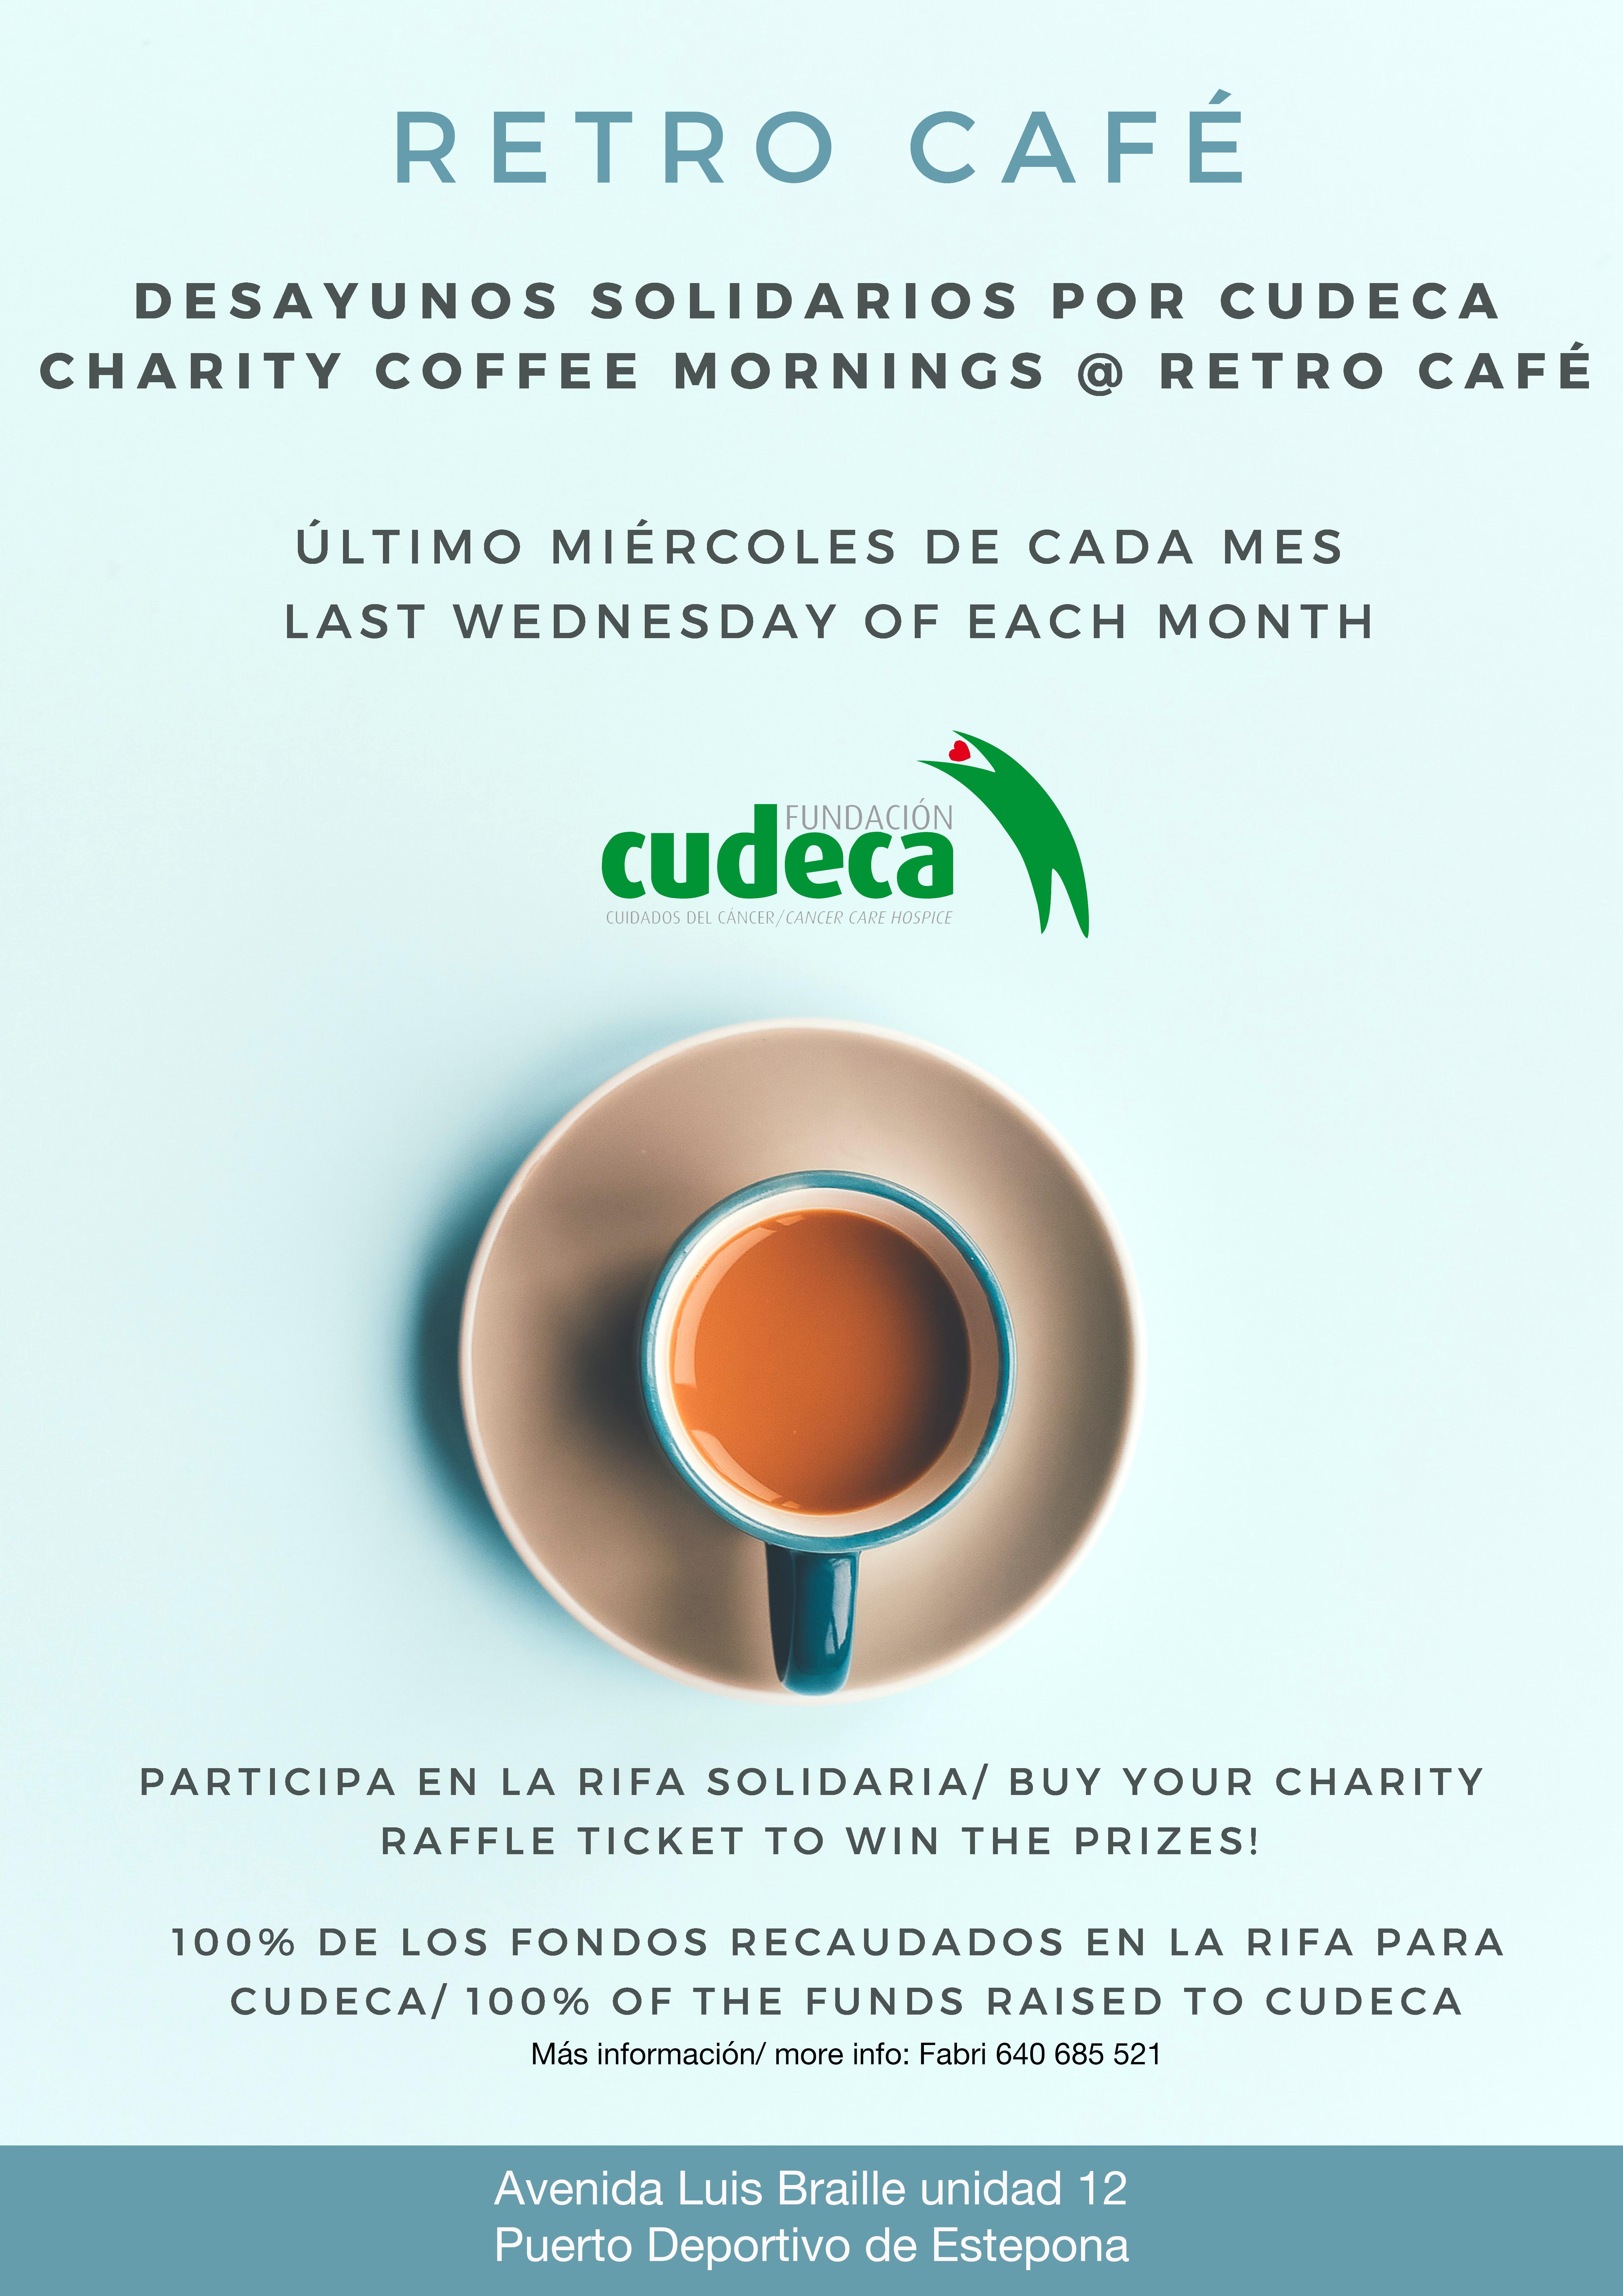 ¡Desayunos Solidarios en Retro Café por CUDECA!